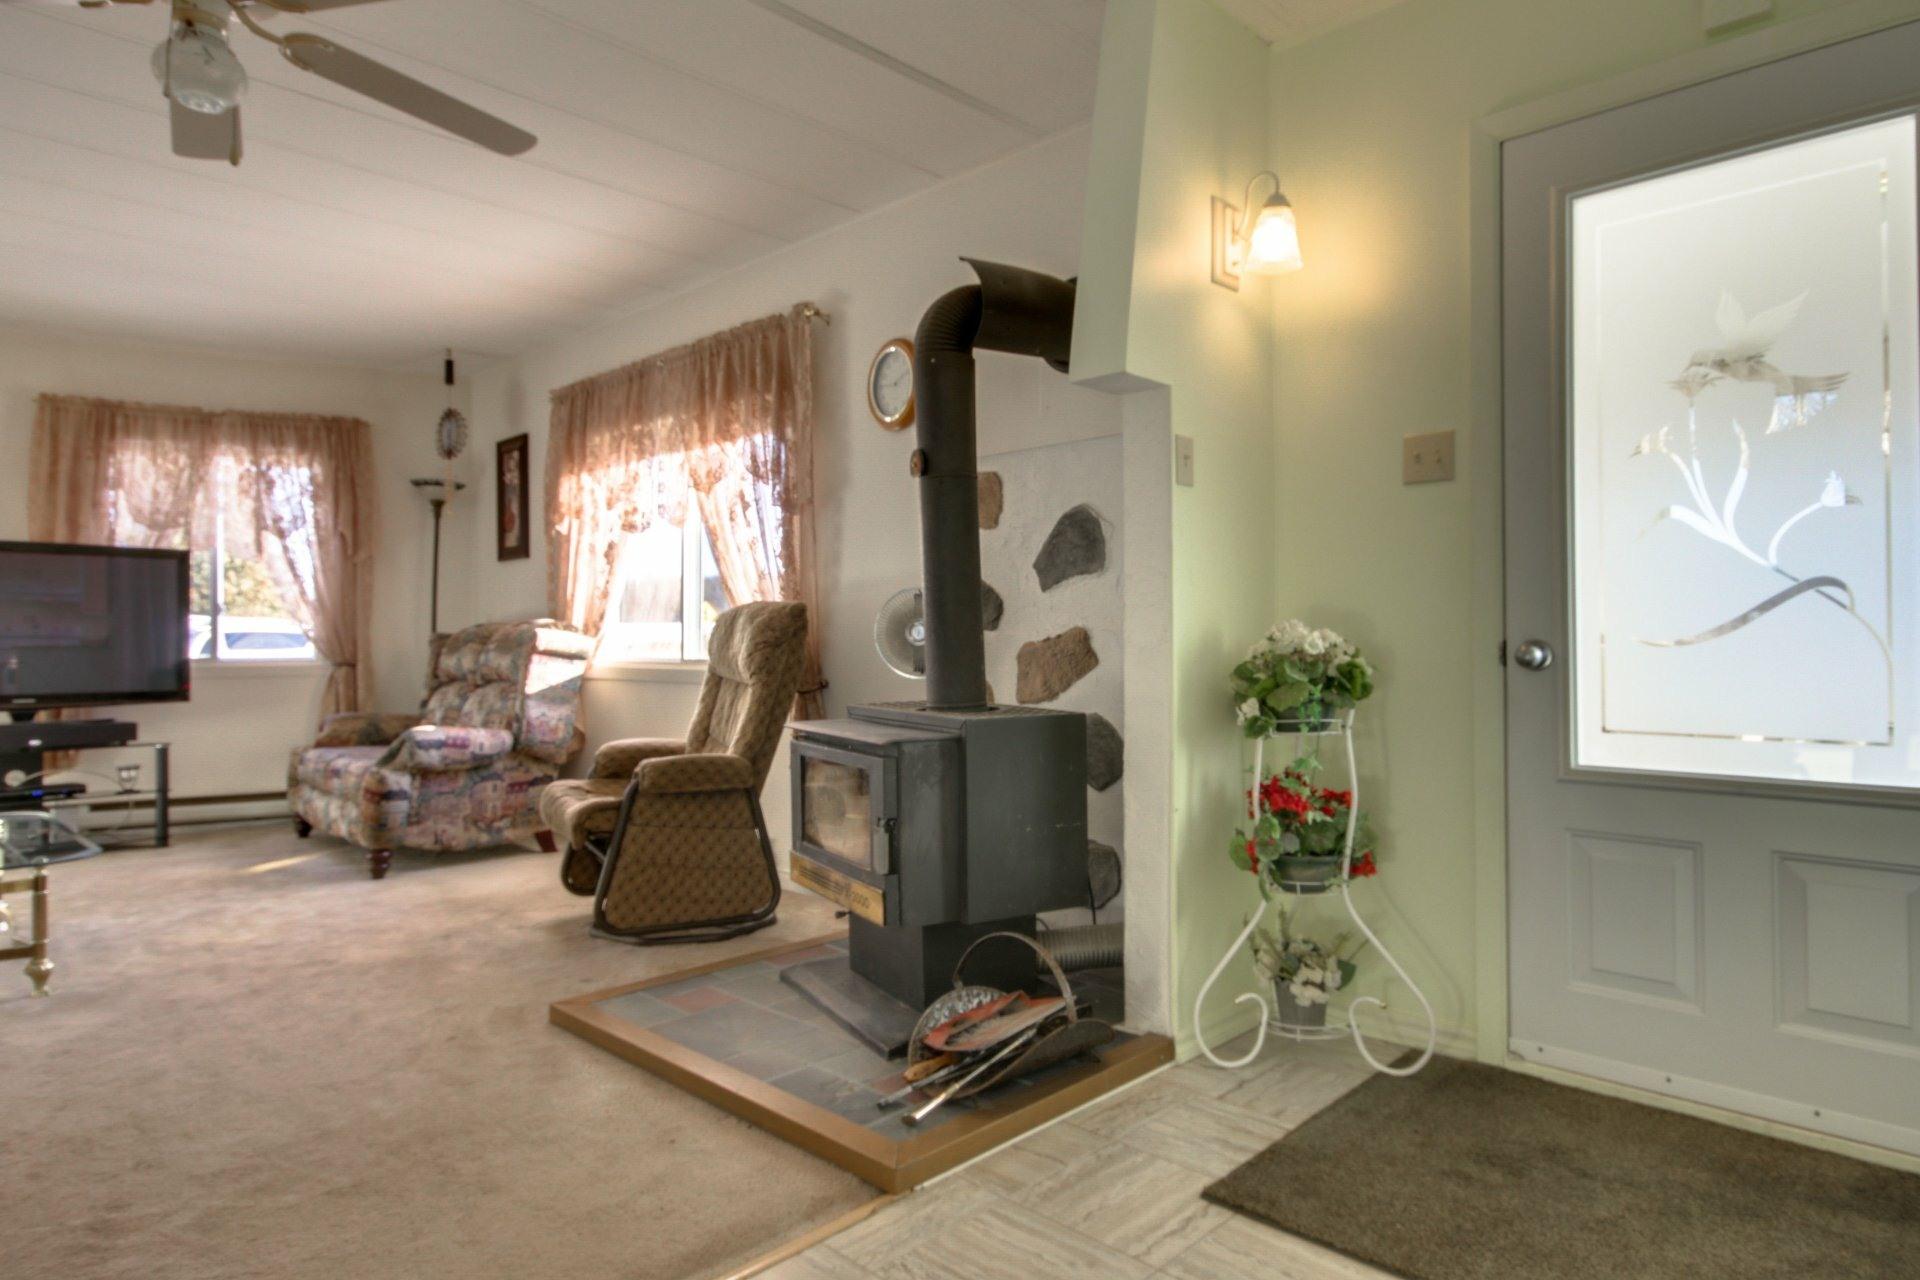 image 5 - House For sale Saint-Pierre-les-Becquets - 6 rooms